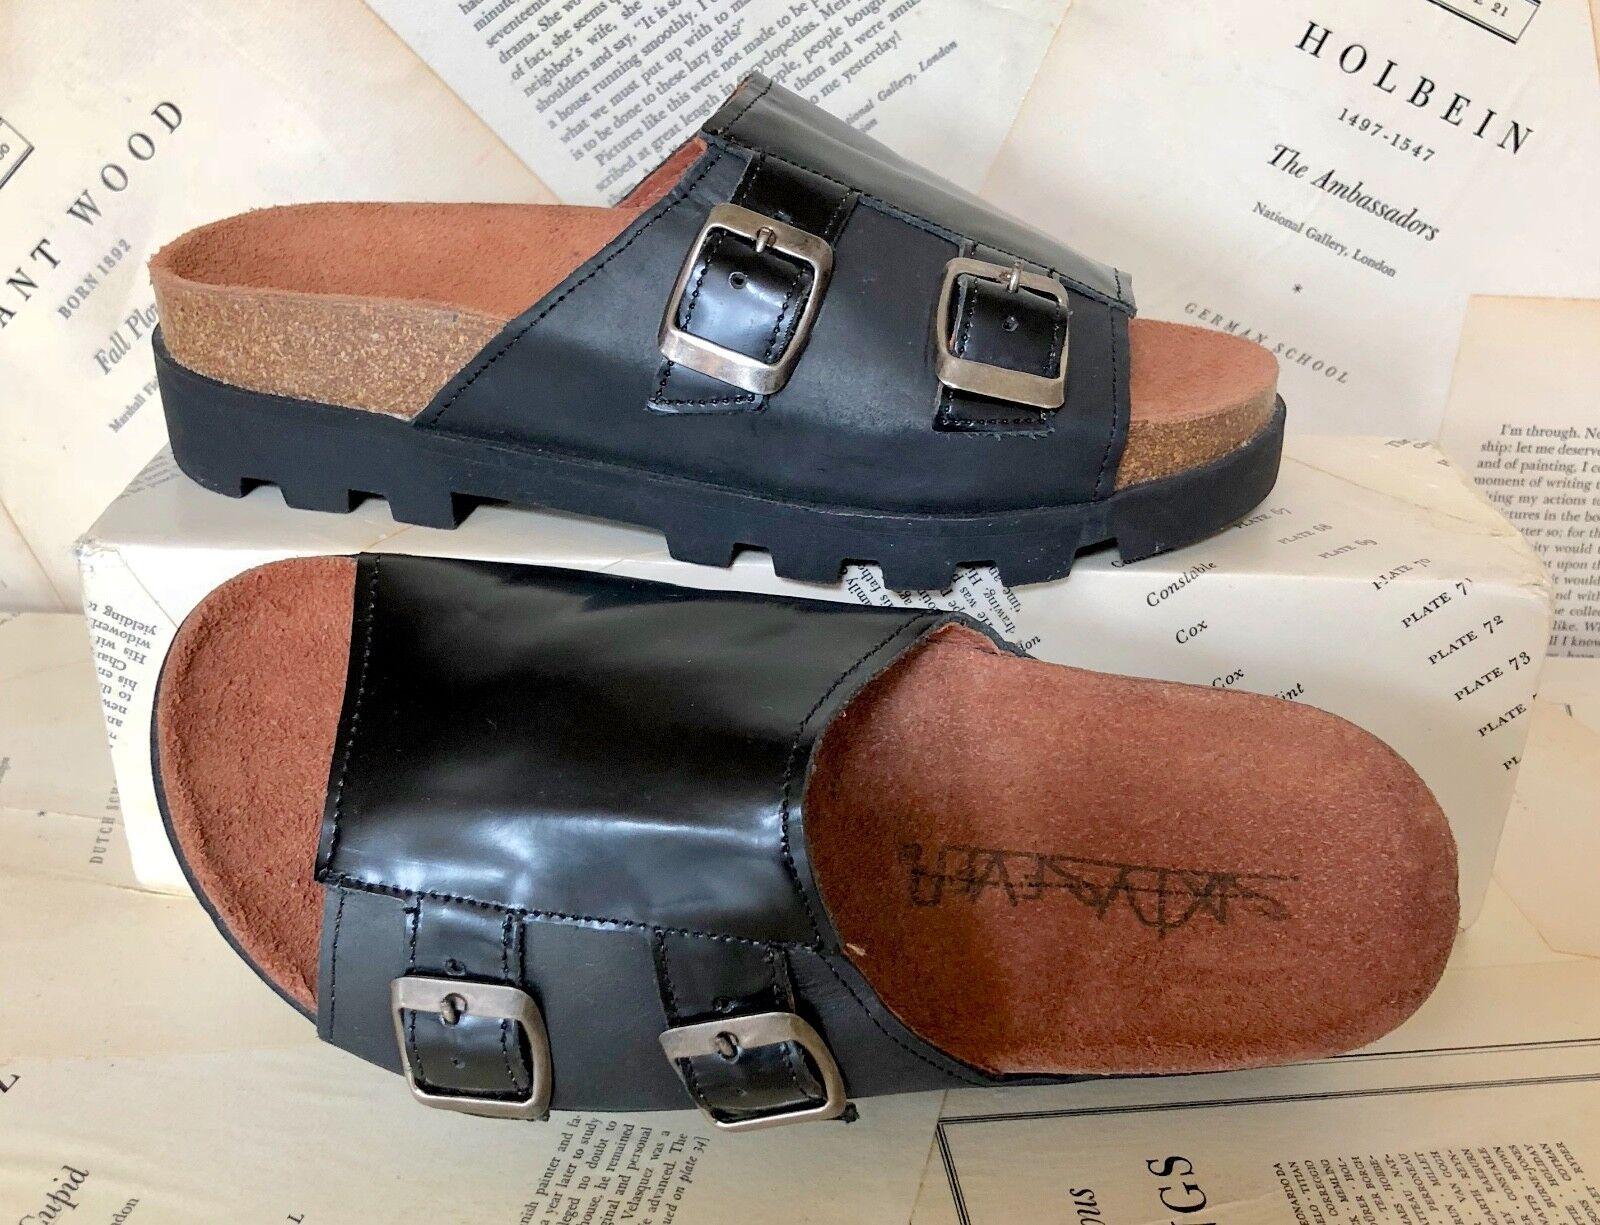 Nueva Nueva Nueva Plataforma De Cuero Negro el sesenta y siete 2 Hebilla Sandalia 36 5 - 5.5  moda clasica